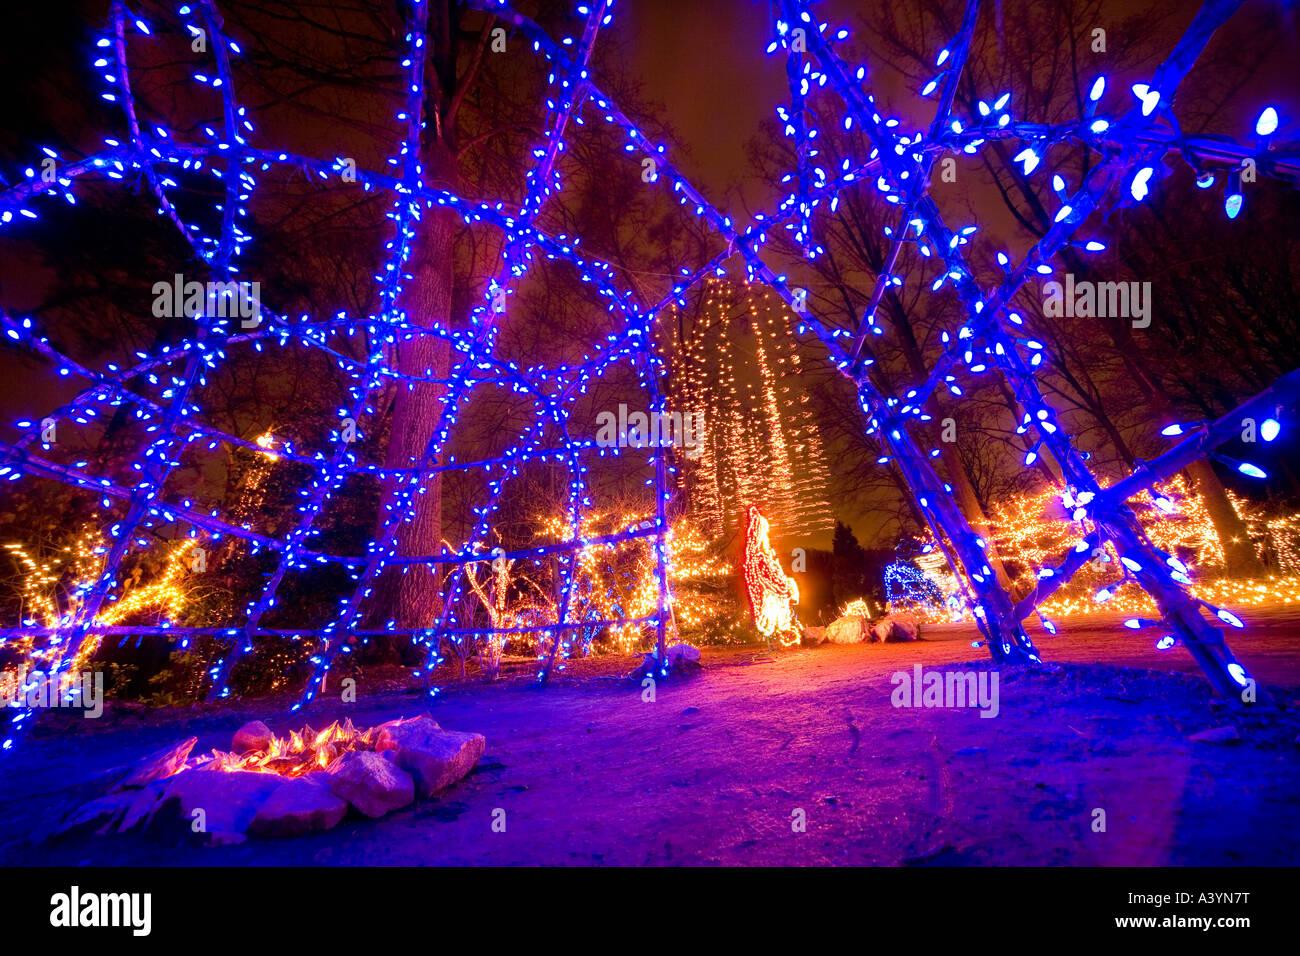 brookside gardens christmas led